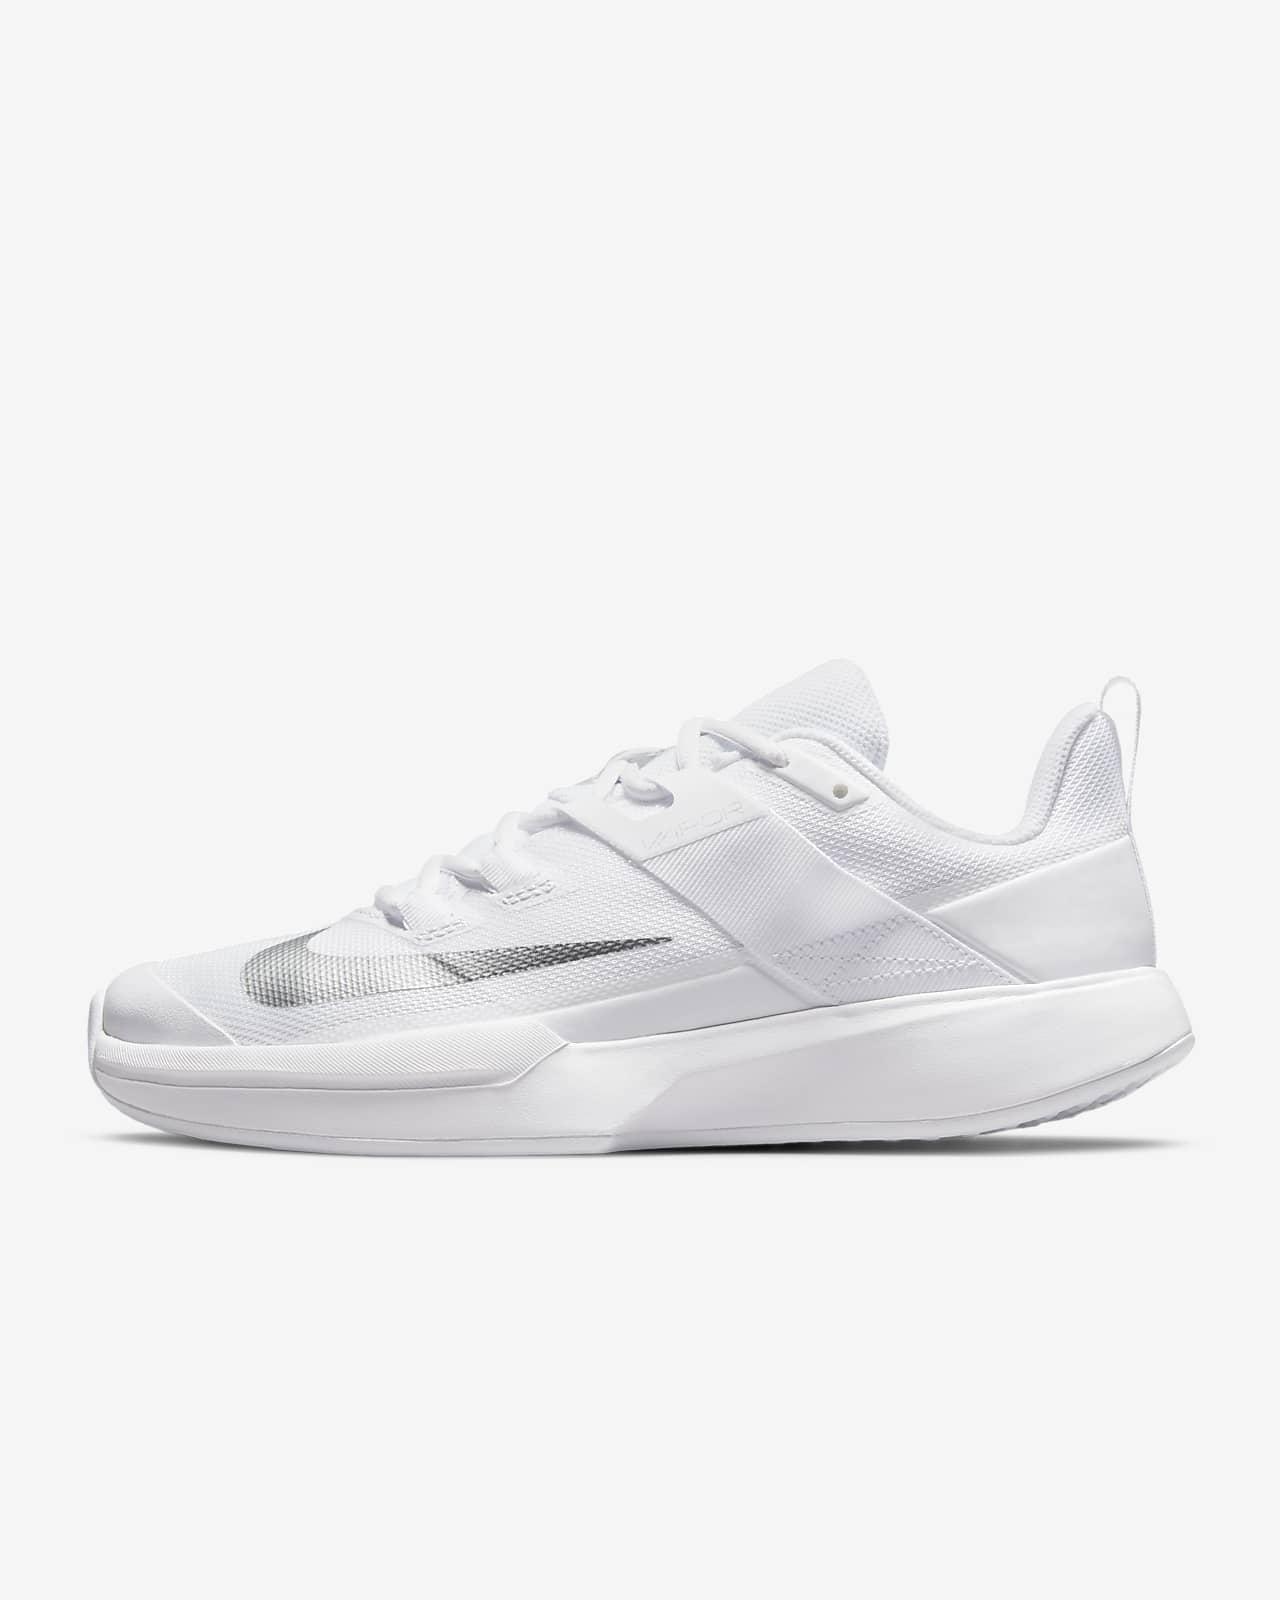 NikeCourt Vapor Lite Hardcourt tennisschoen voor dames